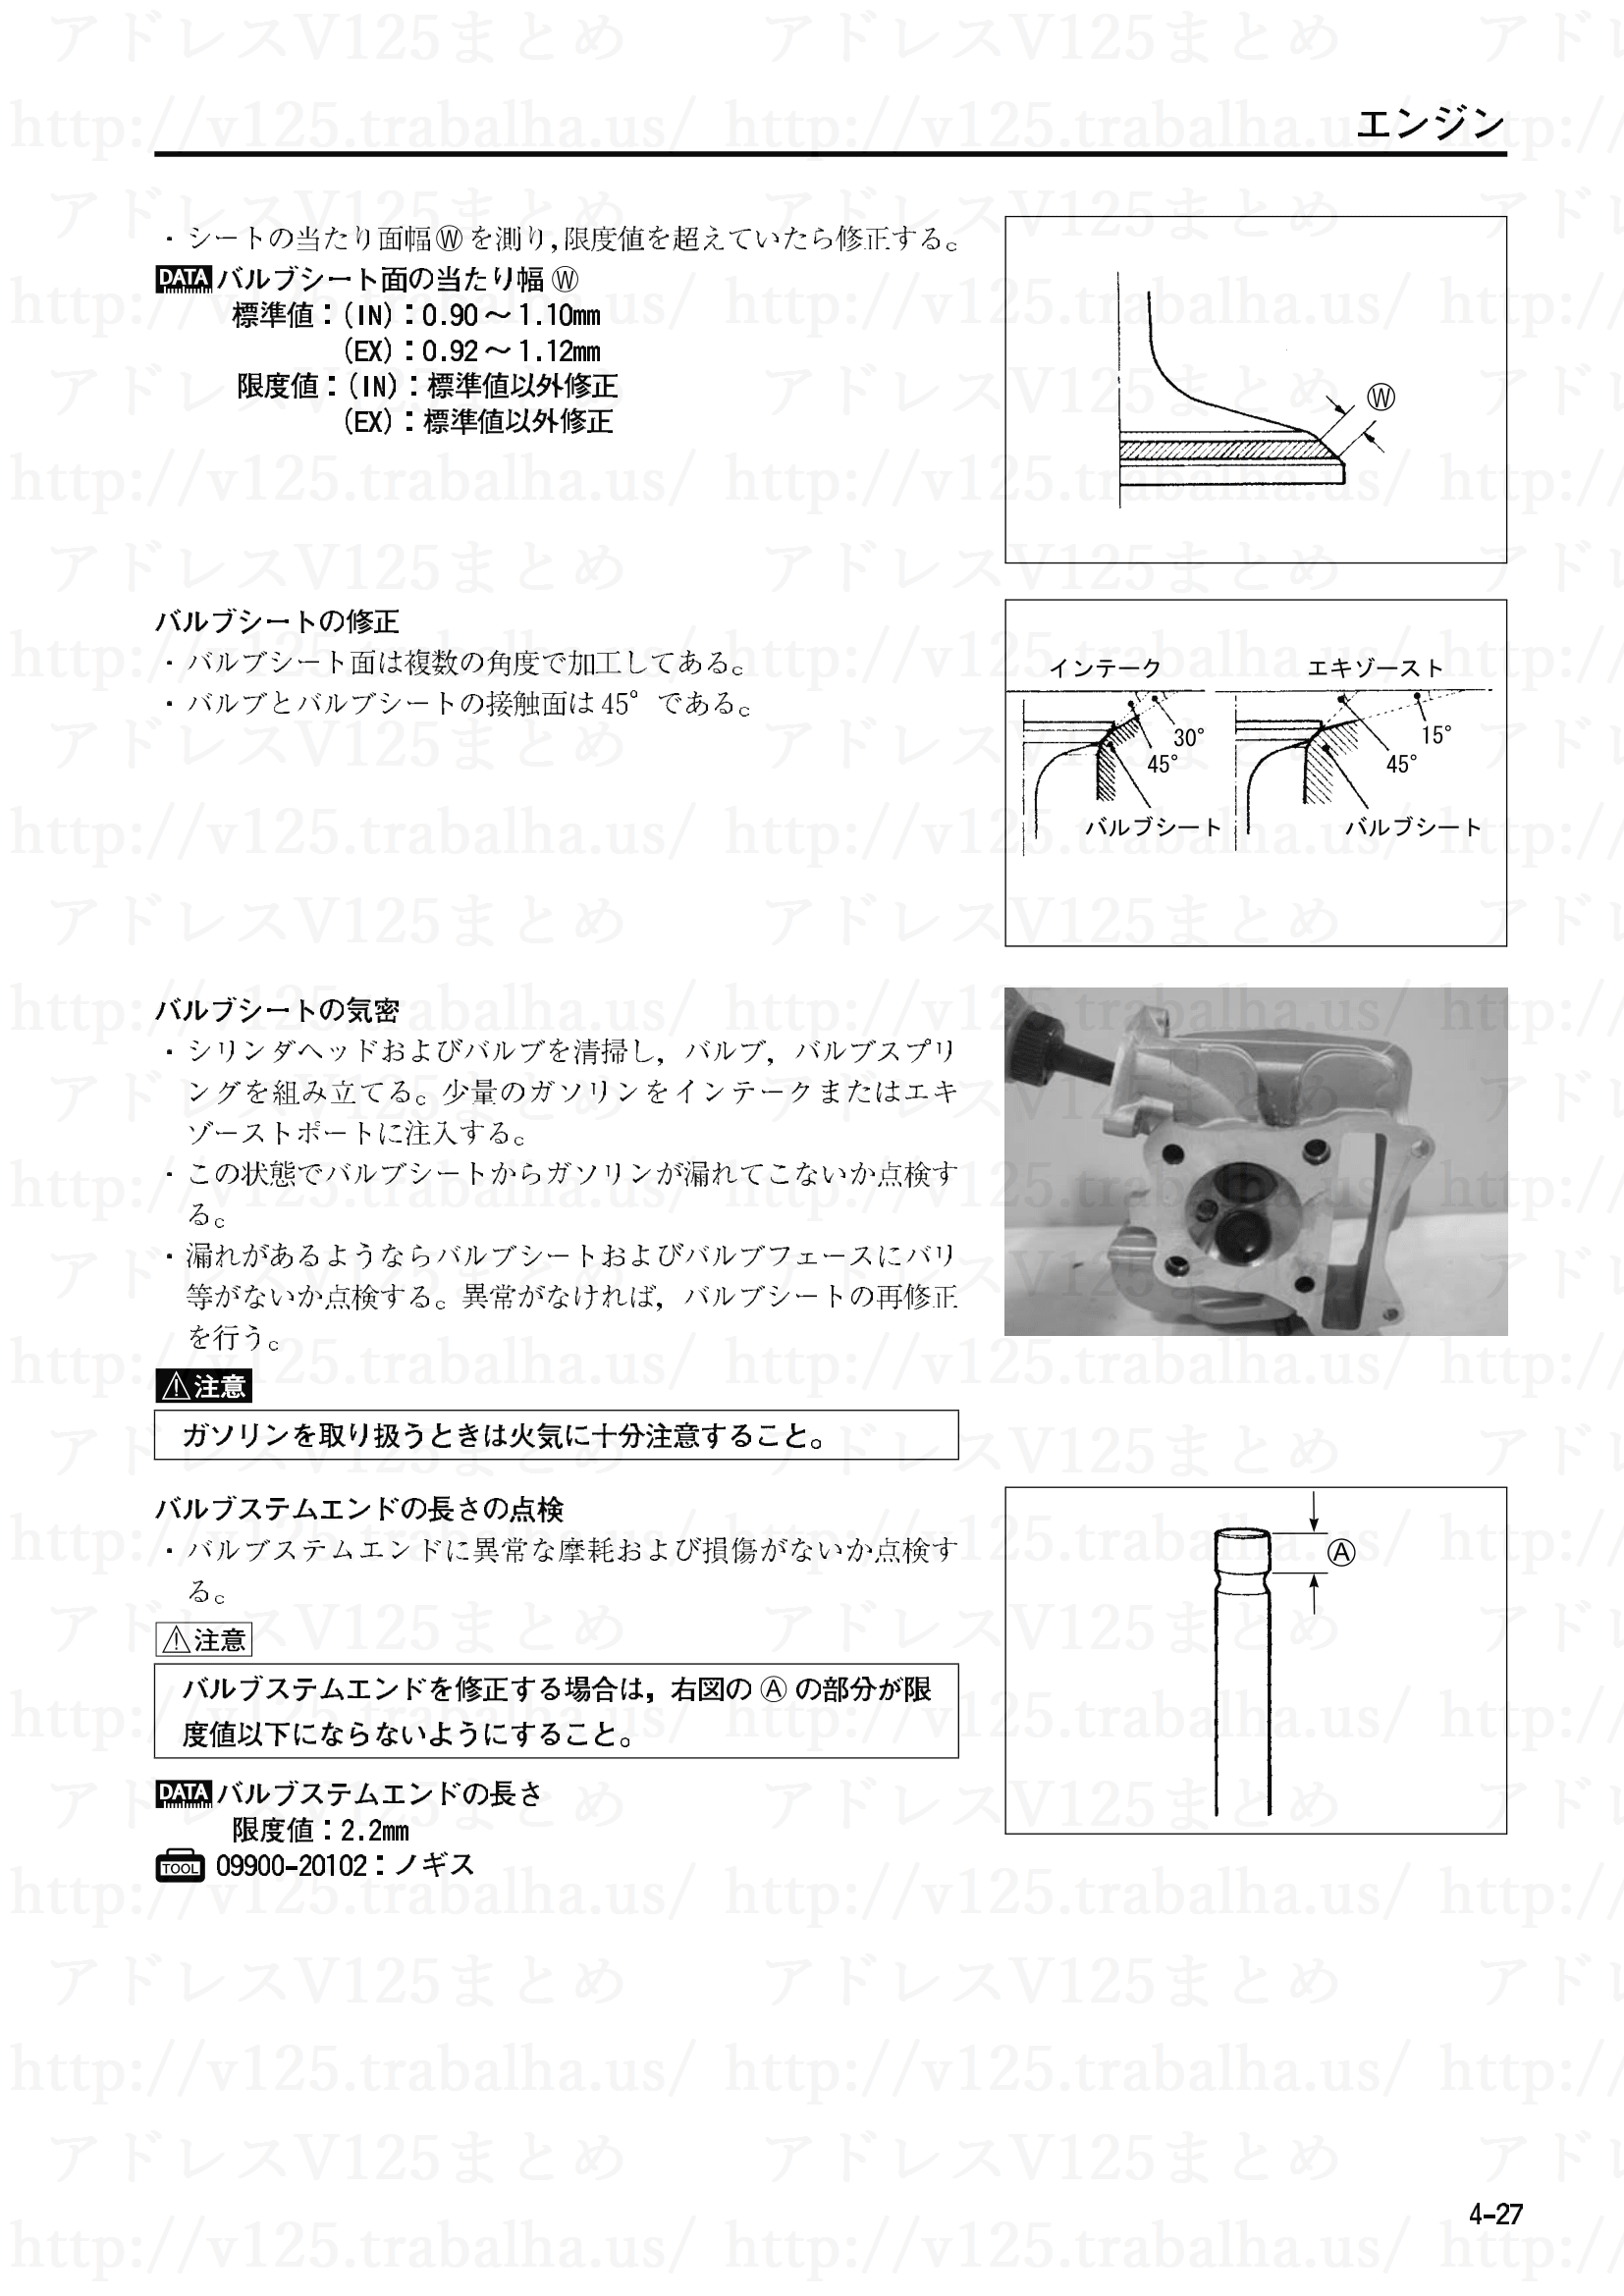 4-27【エンジン】エンジン部組部品の点検5